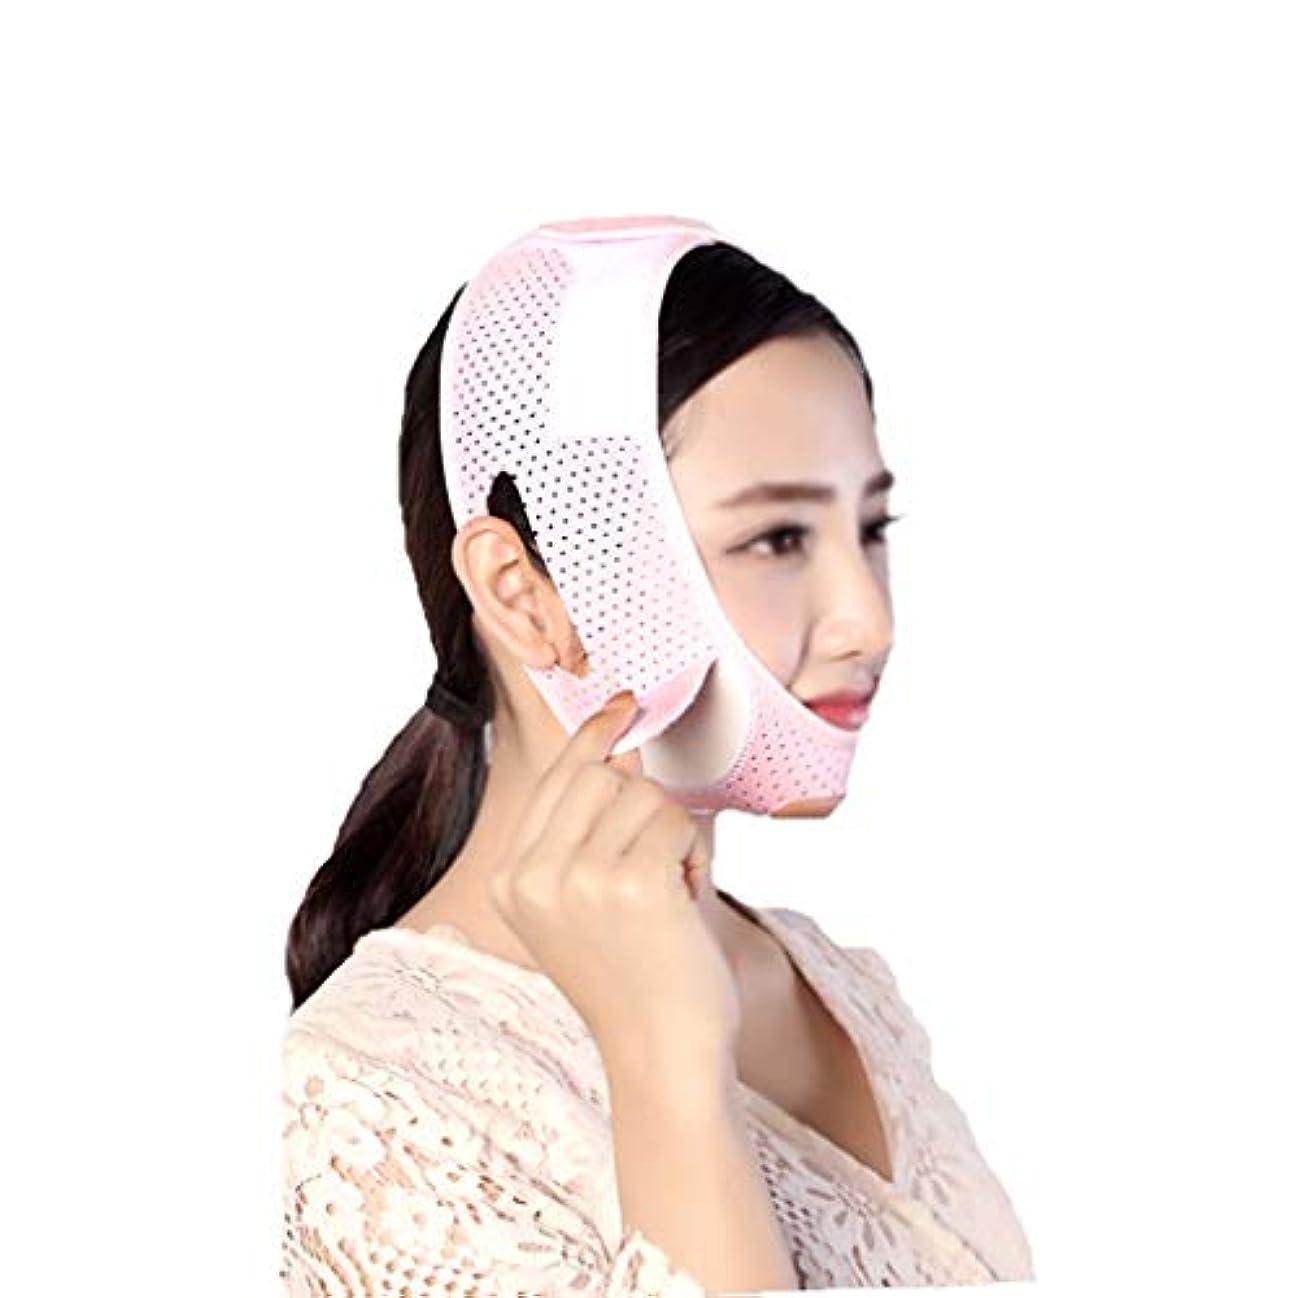 気取らない肥沃な包括的フェイスリフティング包帯、フェイス減量包帯、フェイシャルファーミングマスク、ダブルチン減量ベルト (Size : M)